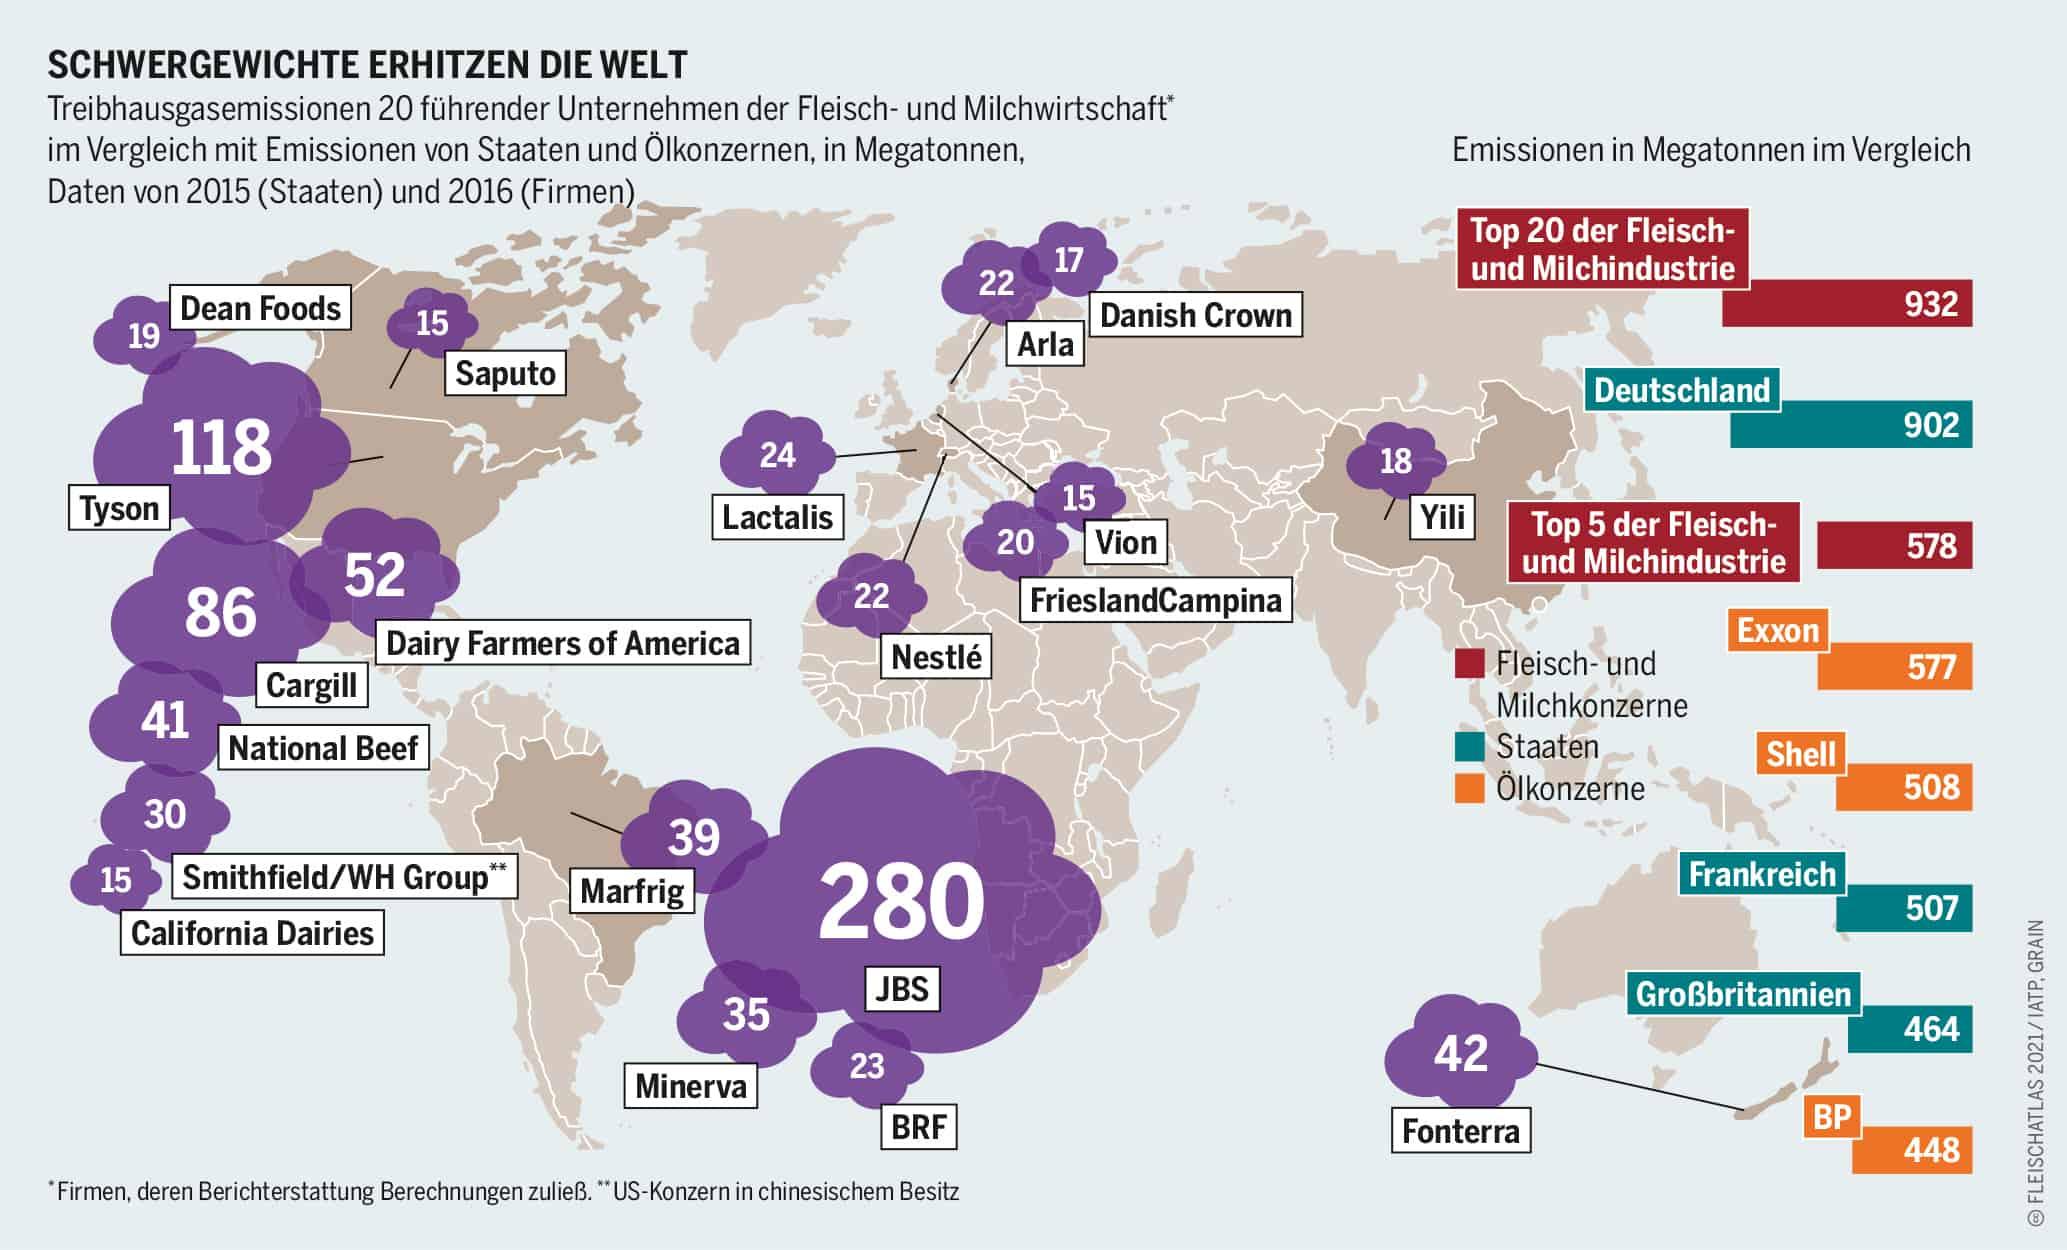 Schwergewichte erhitzen die Welt - Treibhausgasemissionen 20 führender Unternehmen der Fleisch- und Milchwirtschaft* im Vergleich mit Emissionen von Staaten und Ölkonzernen Grafik: Fleischatlas 2021 | Bartz/Stockmar CC-BY-4.0